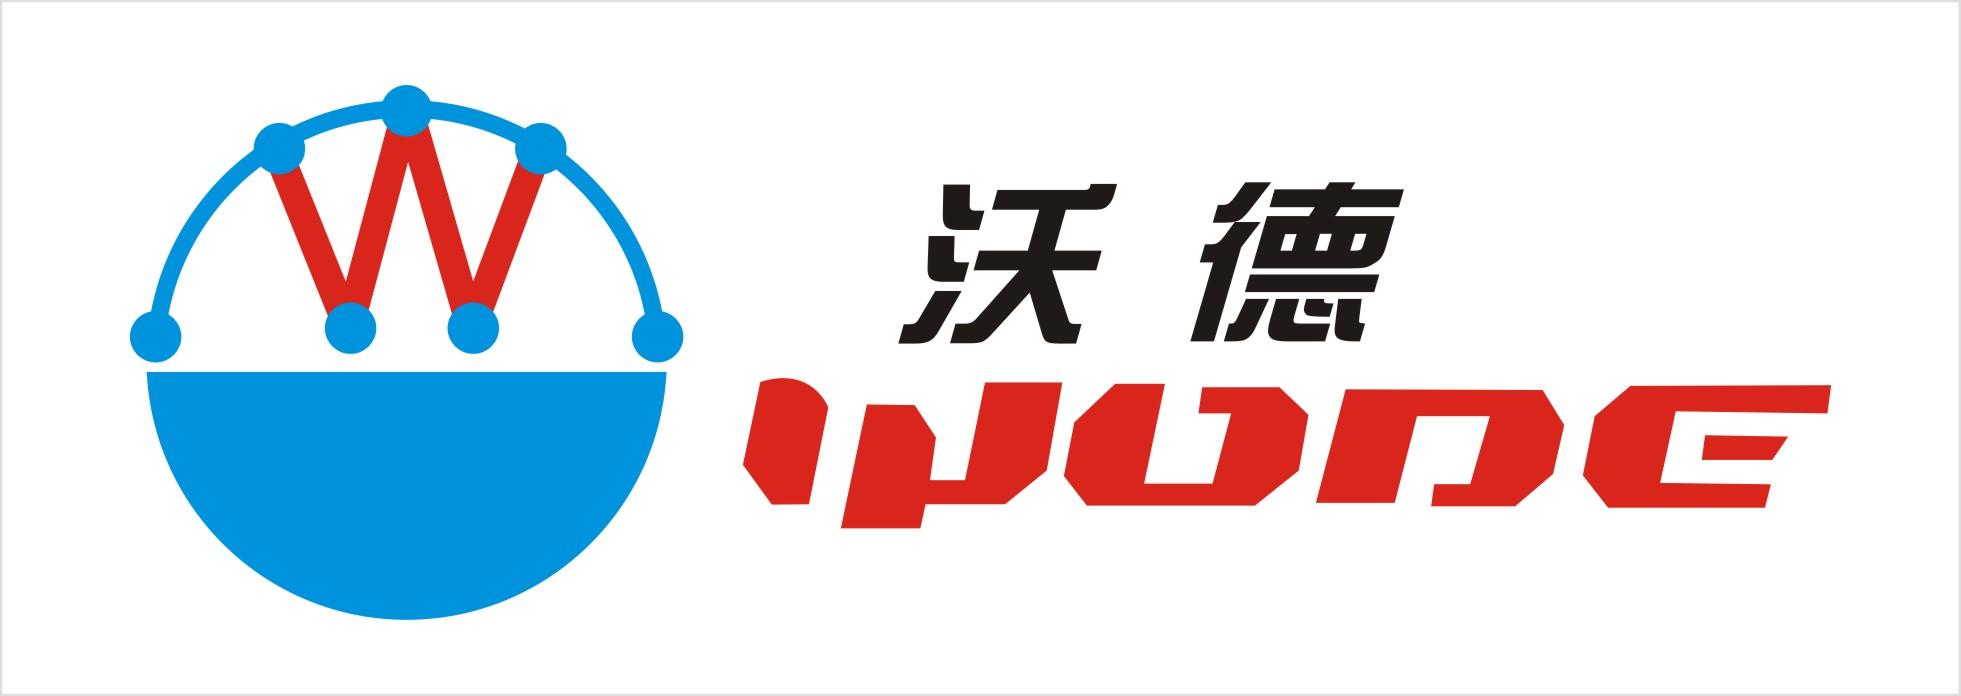 招聘出纳-郑州沃德钢结构工程有限公司-九博人才网